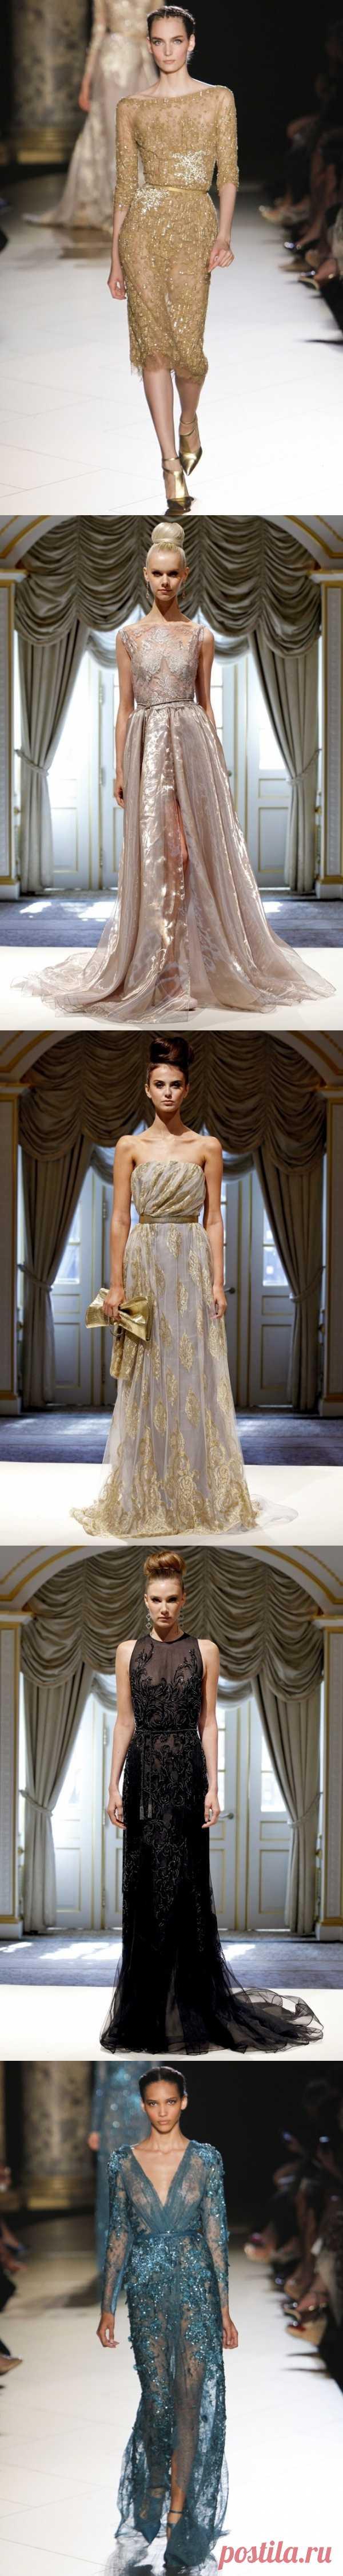 Прямо с подиума: самые красивые платья в пол